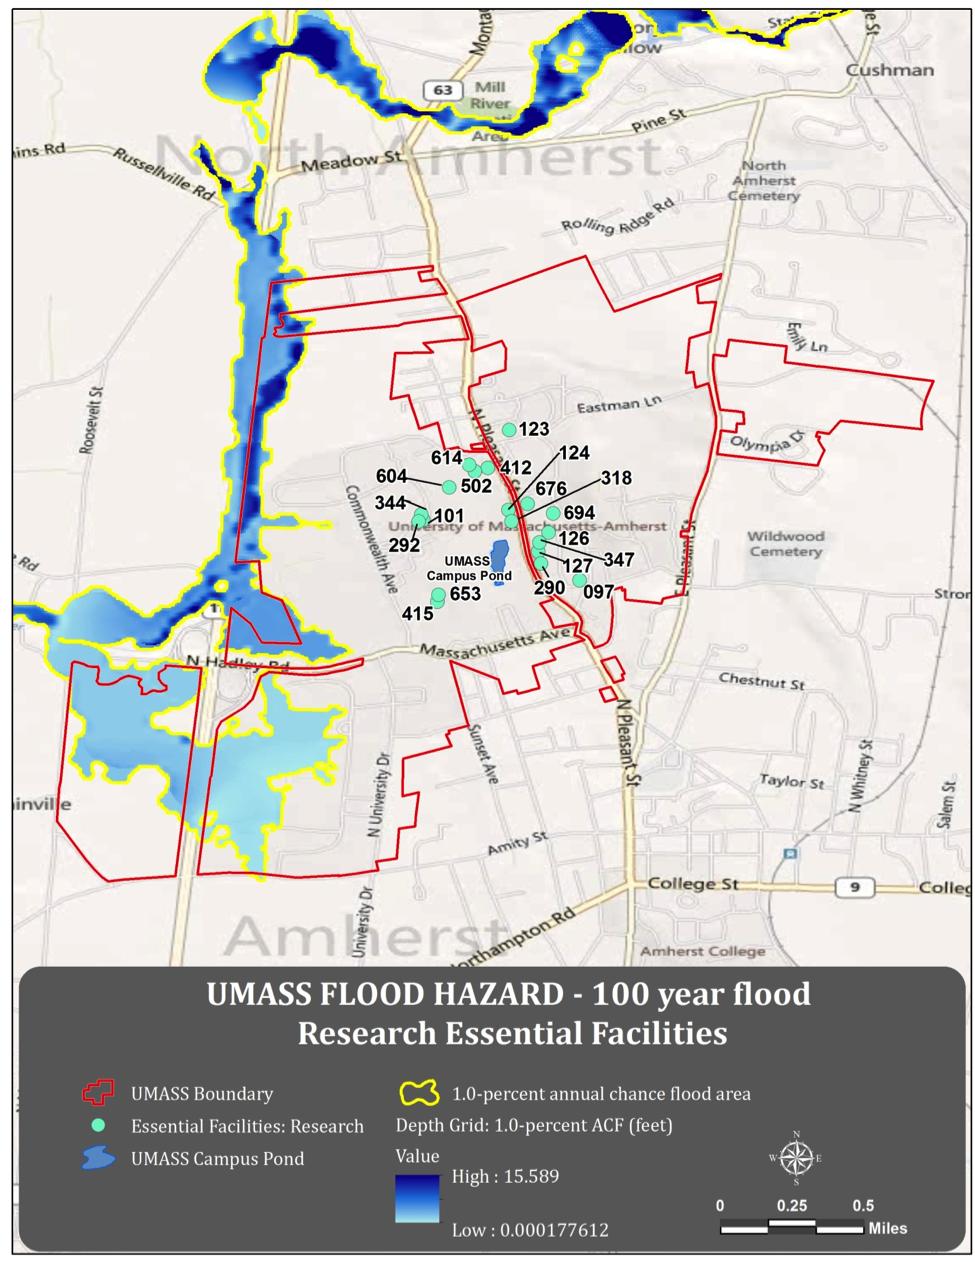 UMass Amherst Multi-Hazard Mitigation Plan